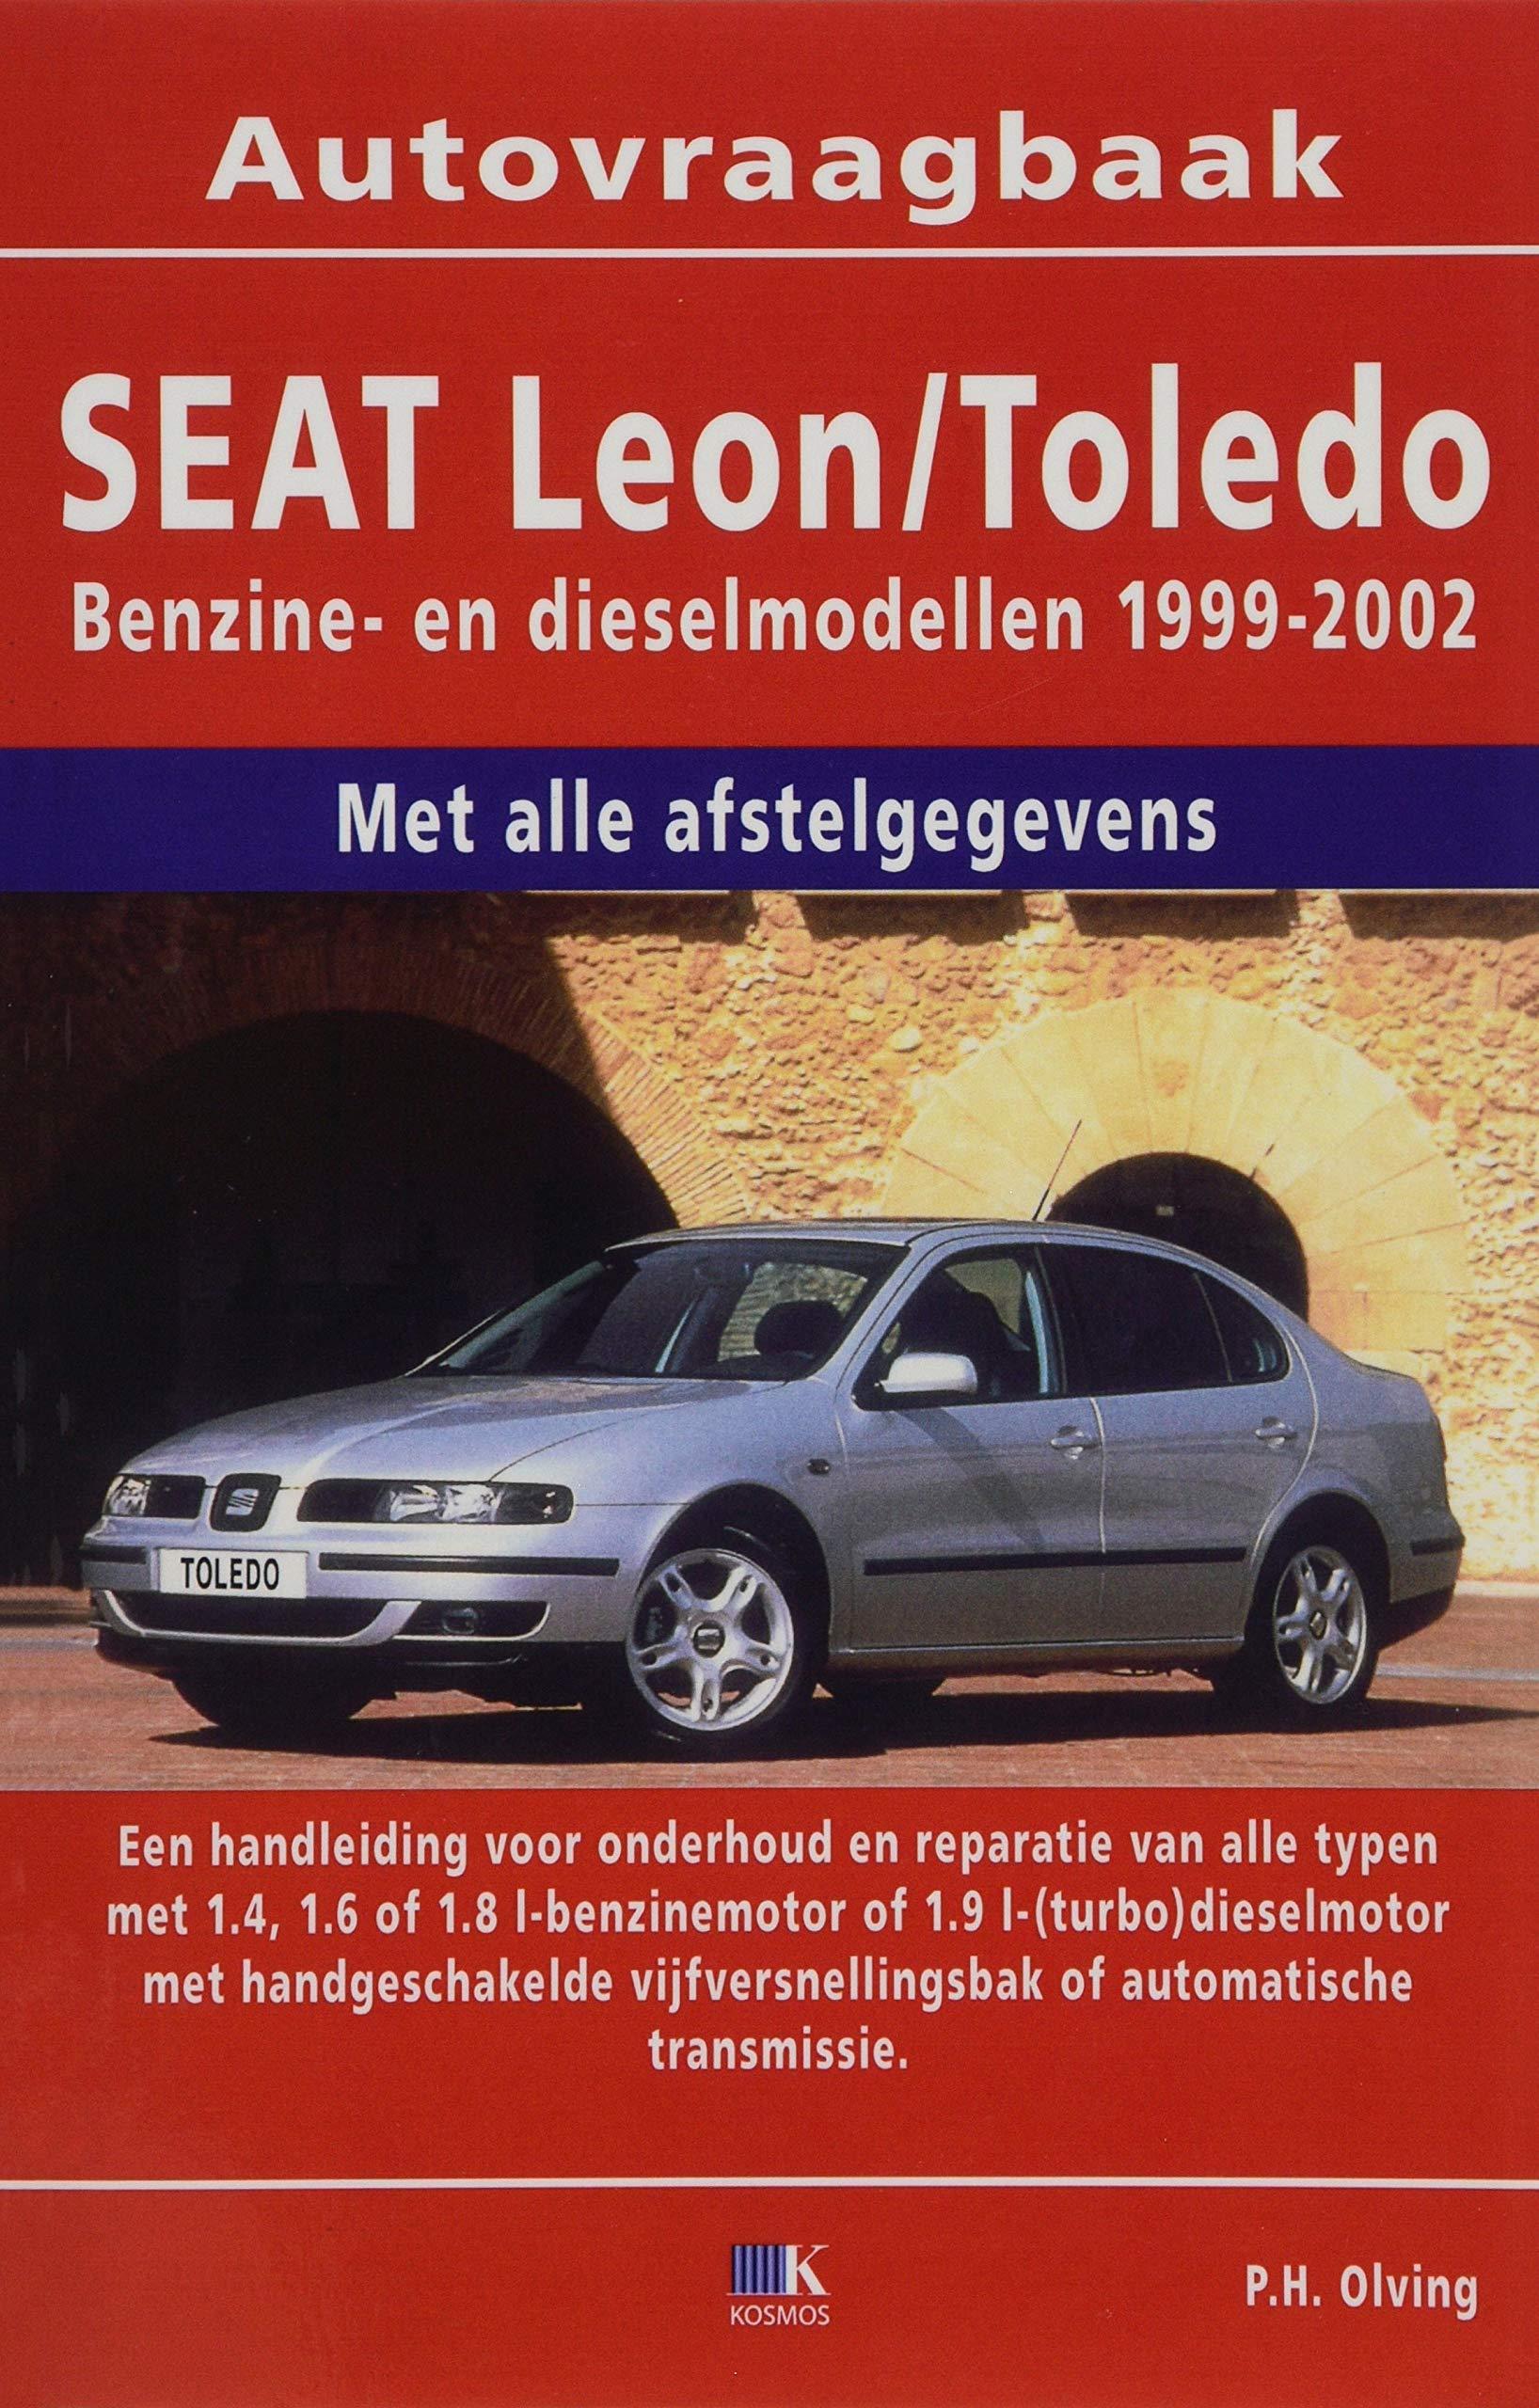 Seat Leon/Toledo benzine/diesel 1999-2002: Amazon.es: P. H. ...